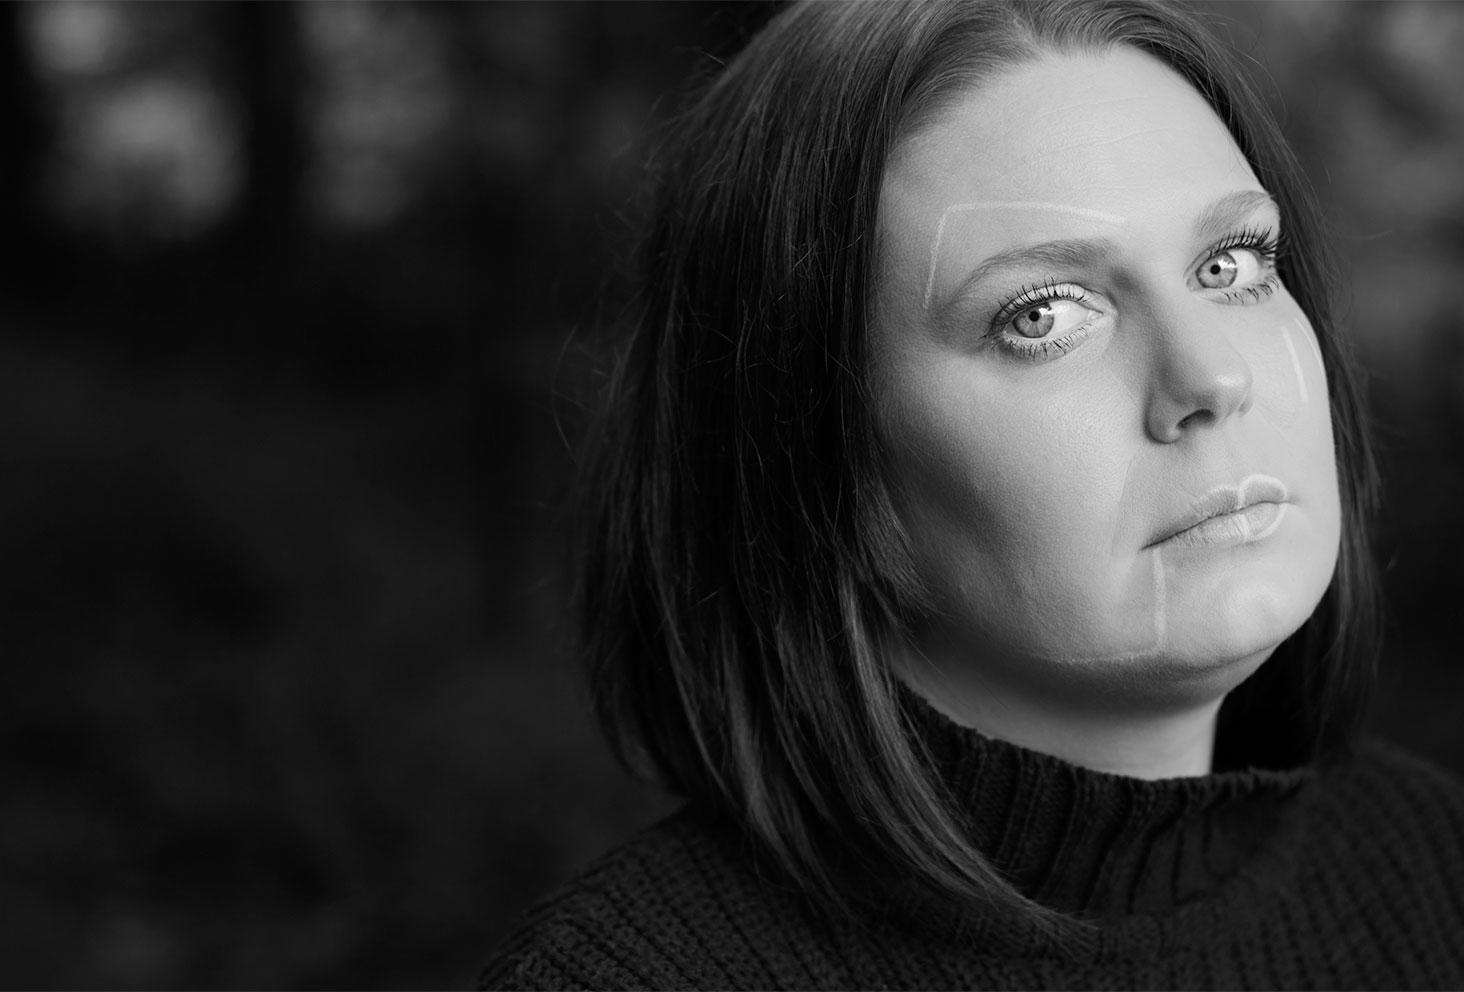 Geometric make-up sur une photo portrait en noir et blanc, sans sourire, pour illustrer un article sur l'angoisse